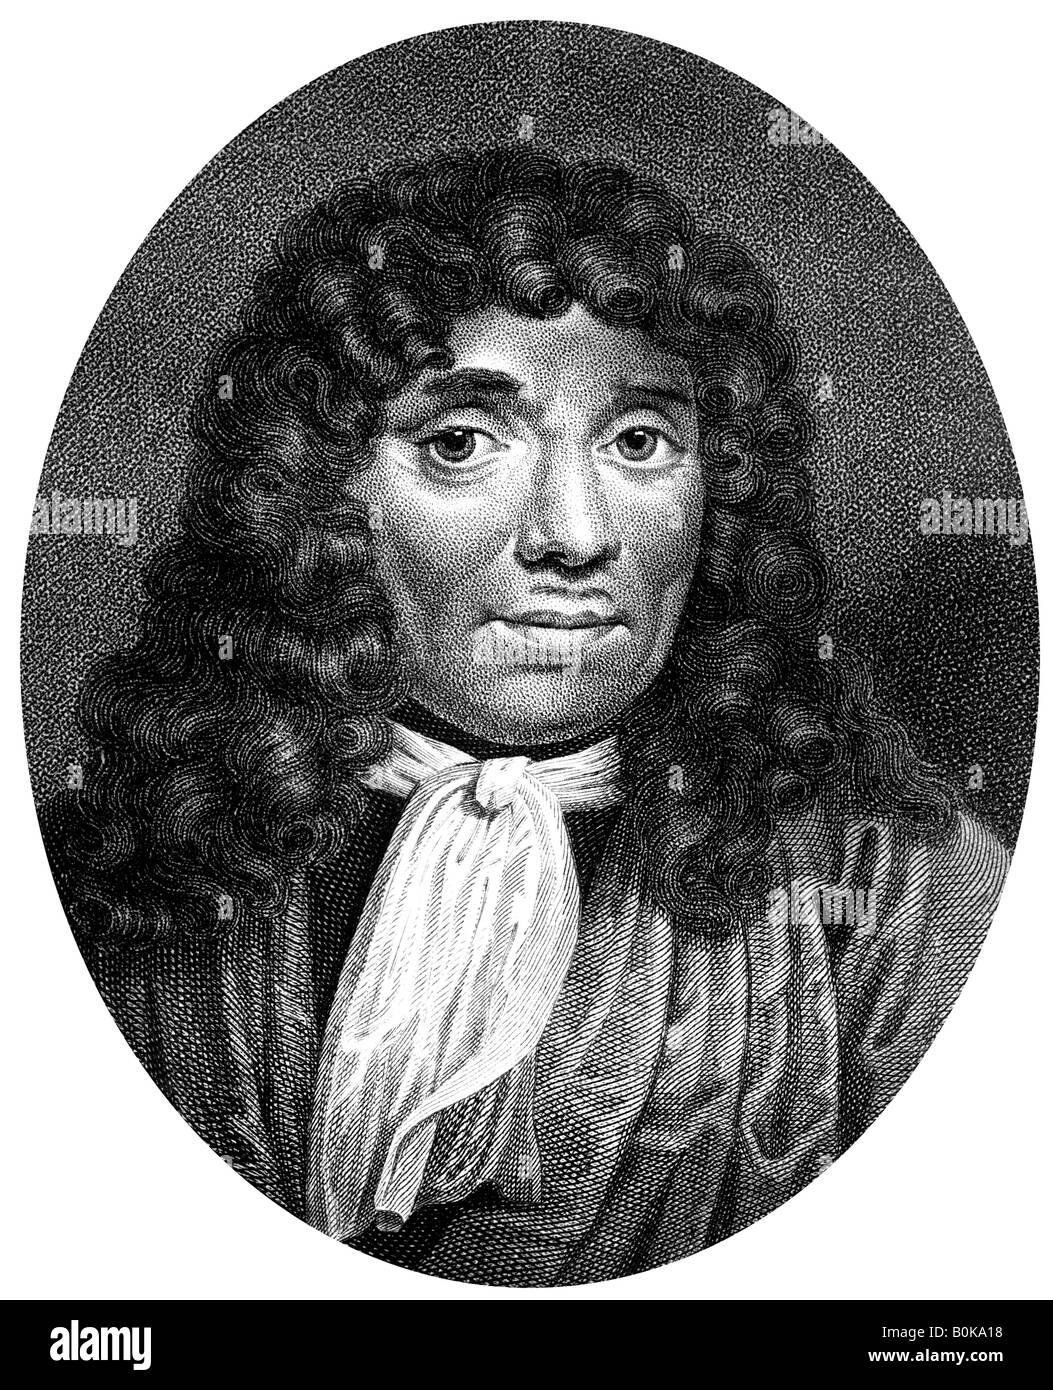 Antoni van Leeuwenhoek, Dutch pioneer of microscopy, (1813).Artist: J Chapman - Stock Image